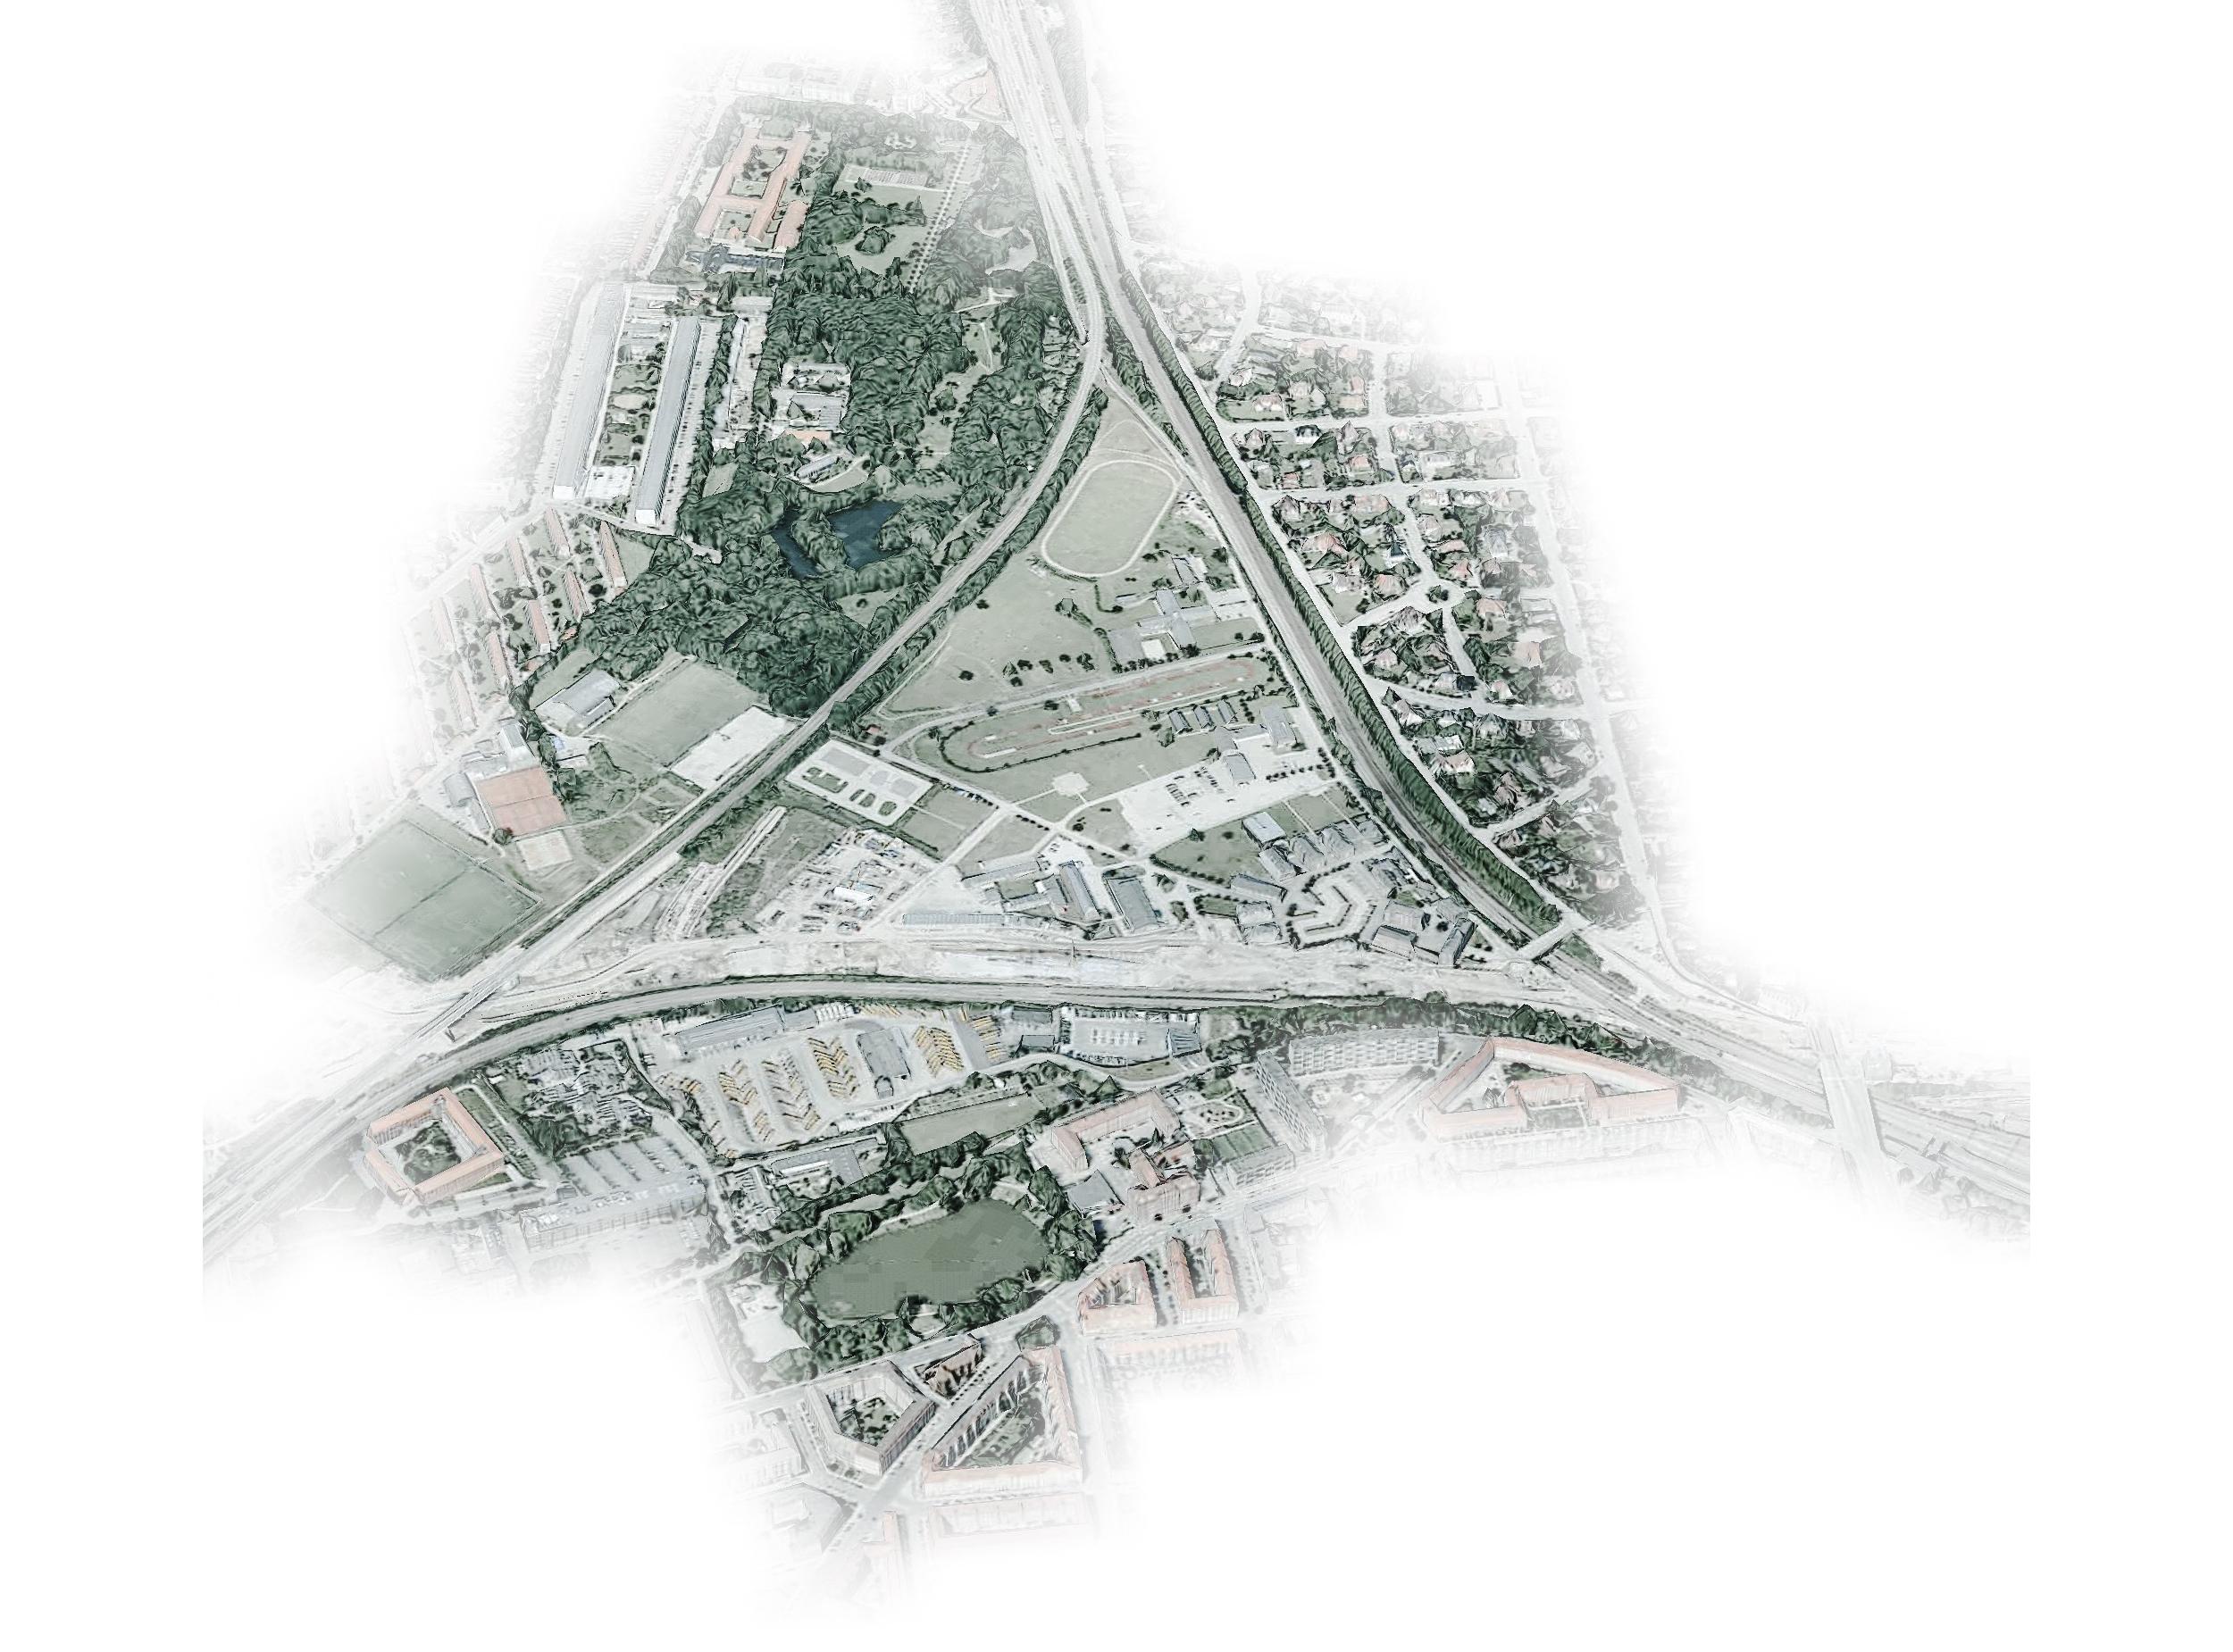 dw-svanemollen-aerial-2500px.jpg